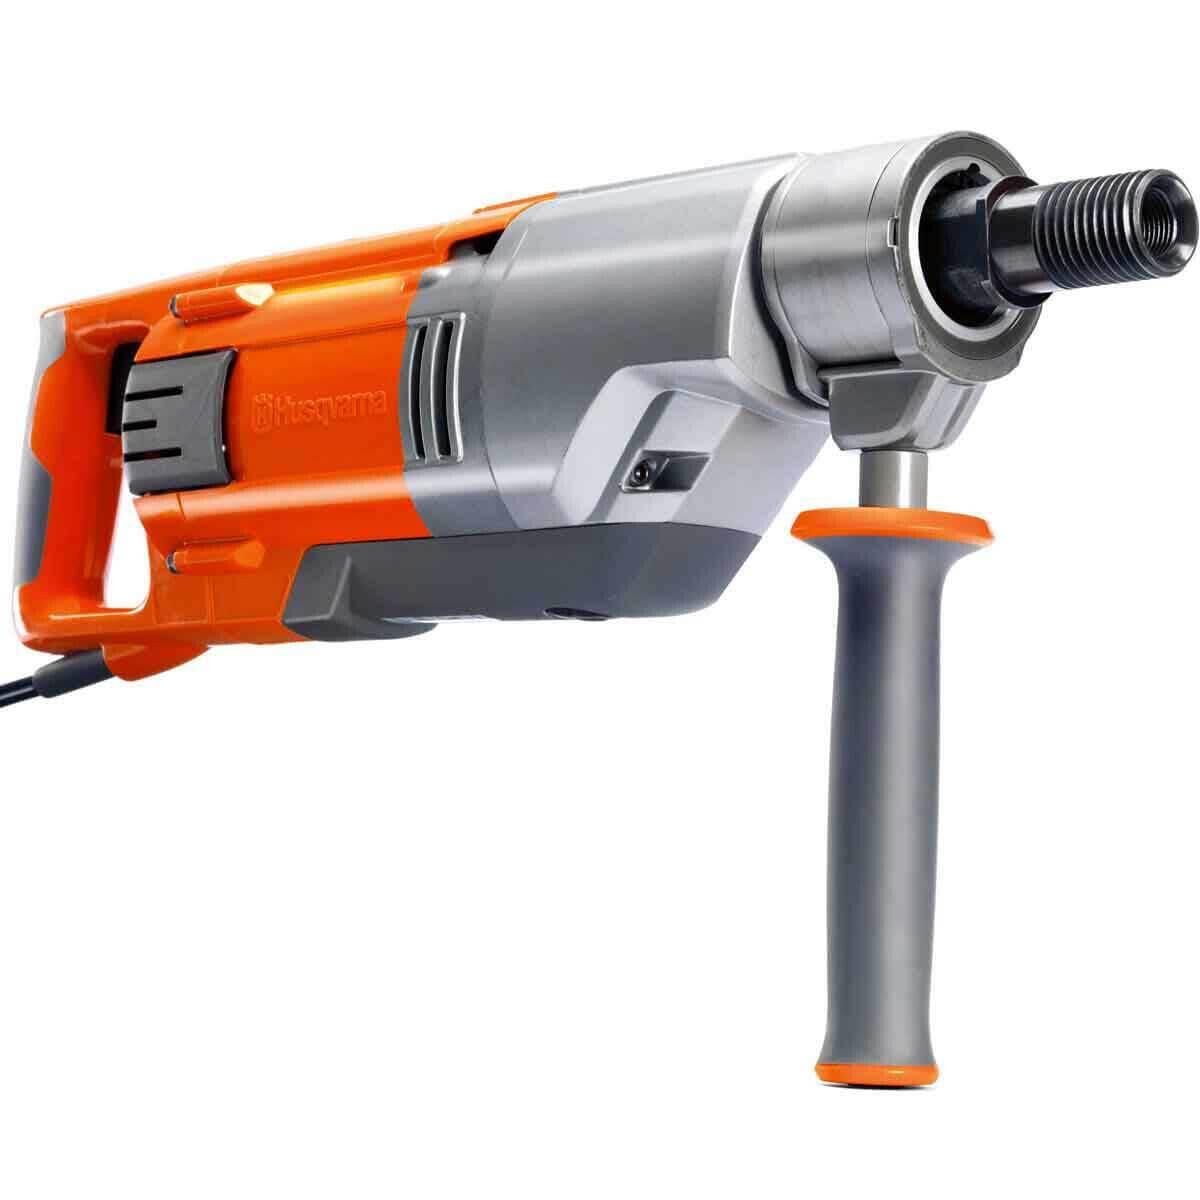 Husqvarna DM 220 Core Drill